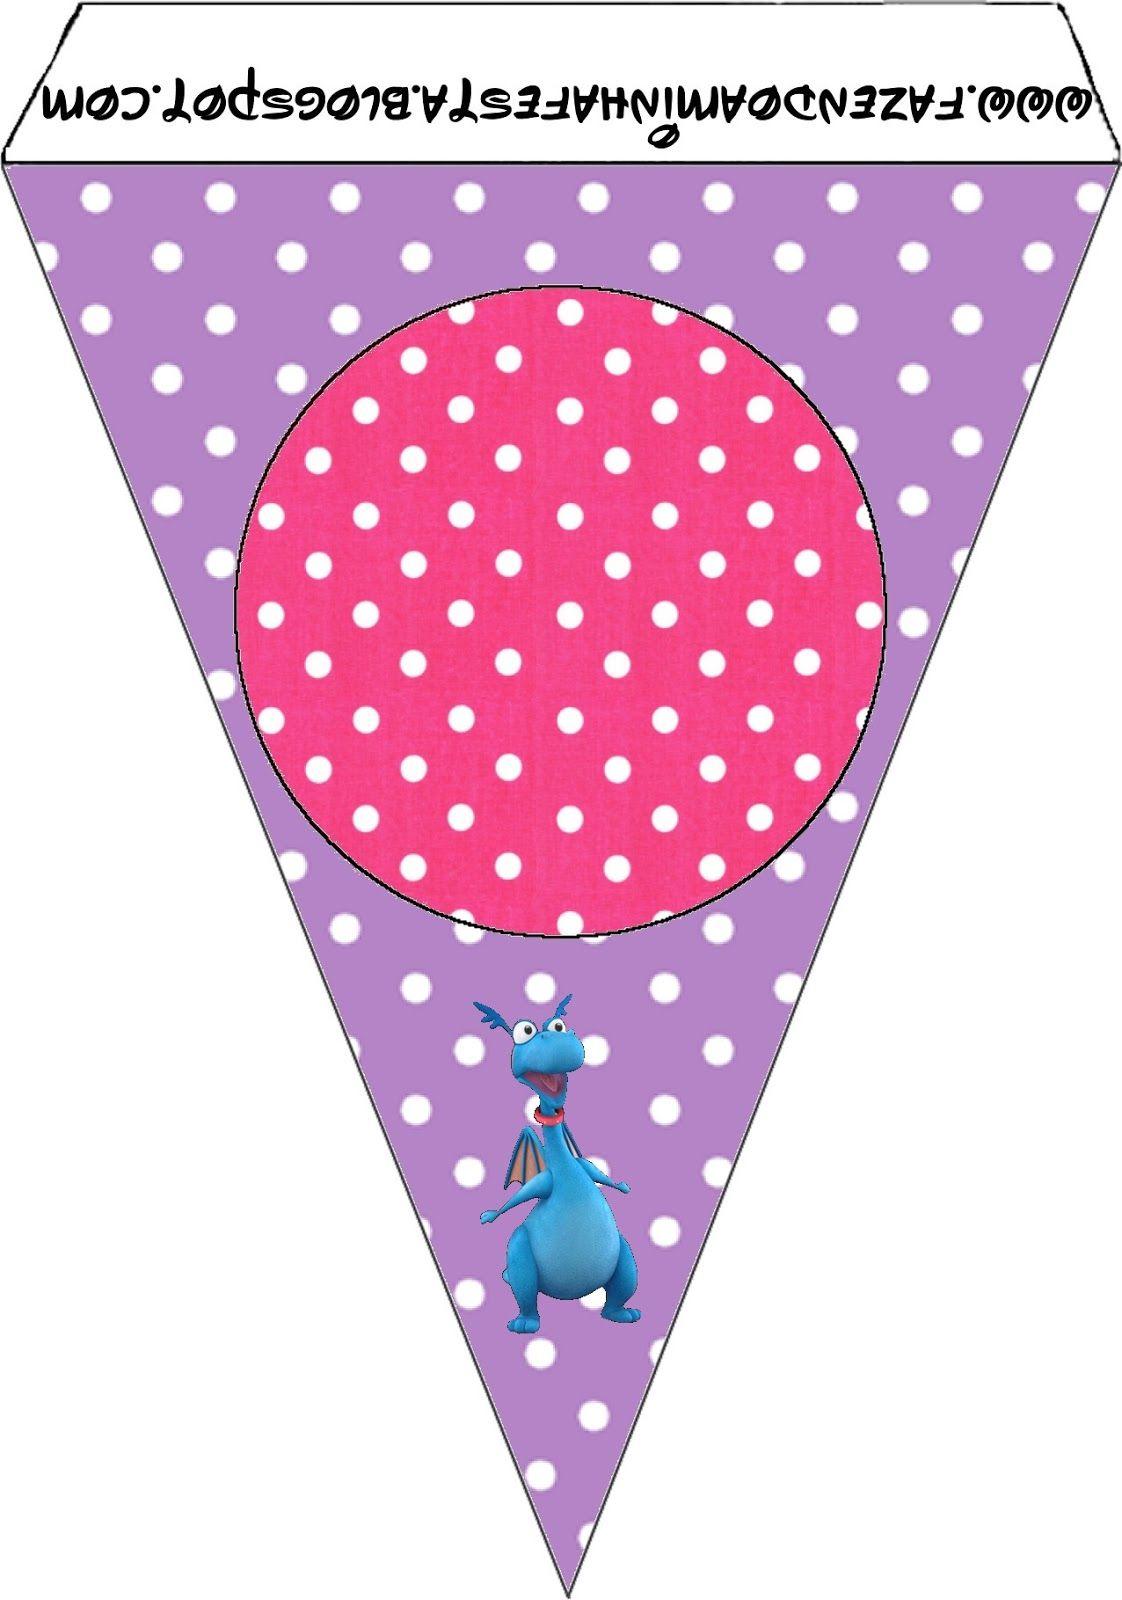 Ideas y material gratis para fiestas y celebraciones Oh My Fiesta!: Imprimibles de Doc Mcstuffins 3.